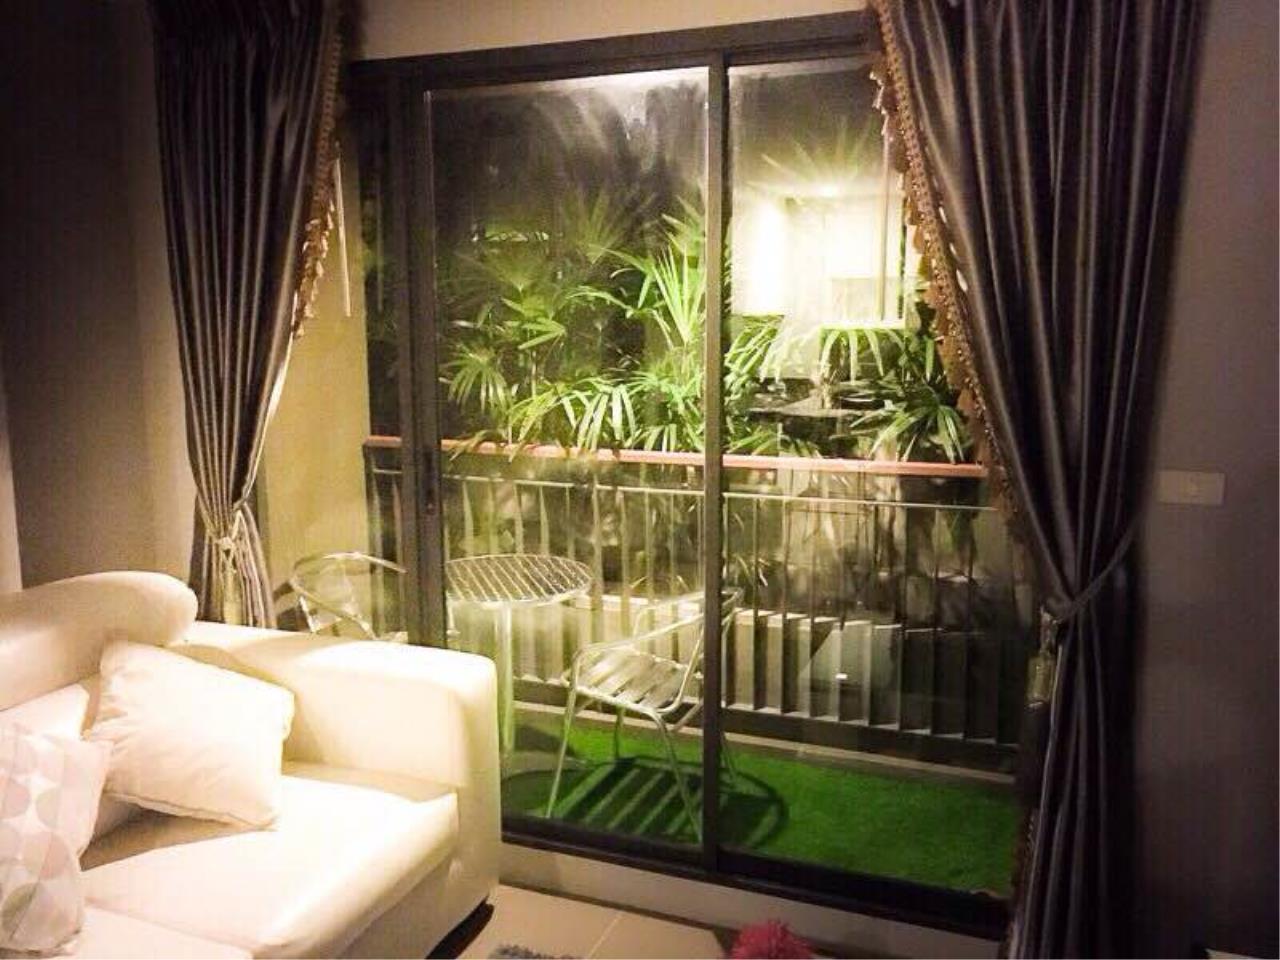 Century21 Skylux Agency's Mirage Sukhumvit 27 / Condo For Sale / 1 Bedroom / 50 SQM / BTS Asok / Bangkok 3